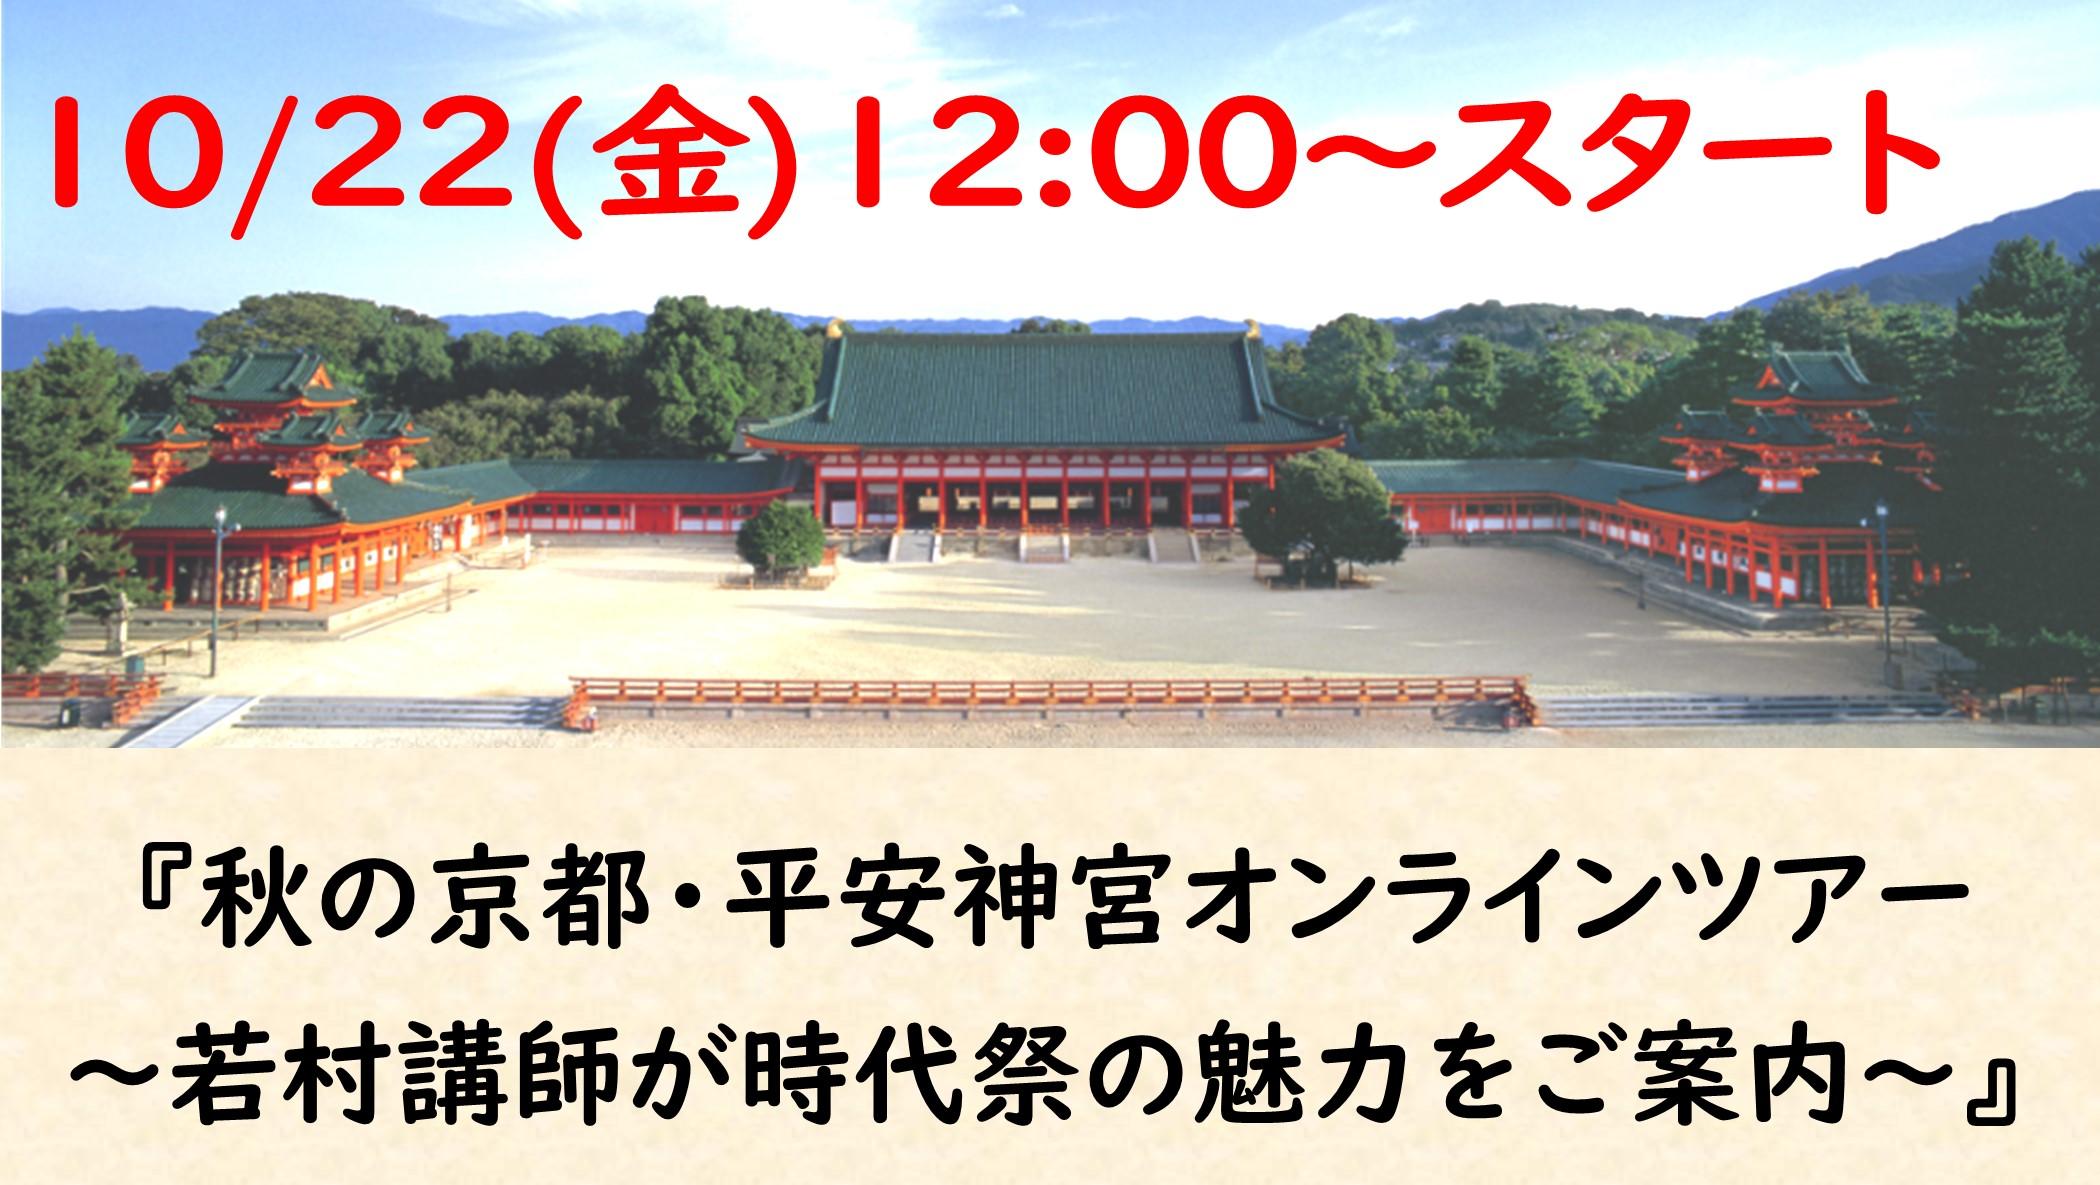 【京都】10/22(金)12:00~『秋の京都・平安神宮オンラインツアー~若村講師が時代祭の魅力をご案内~』